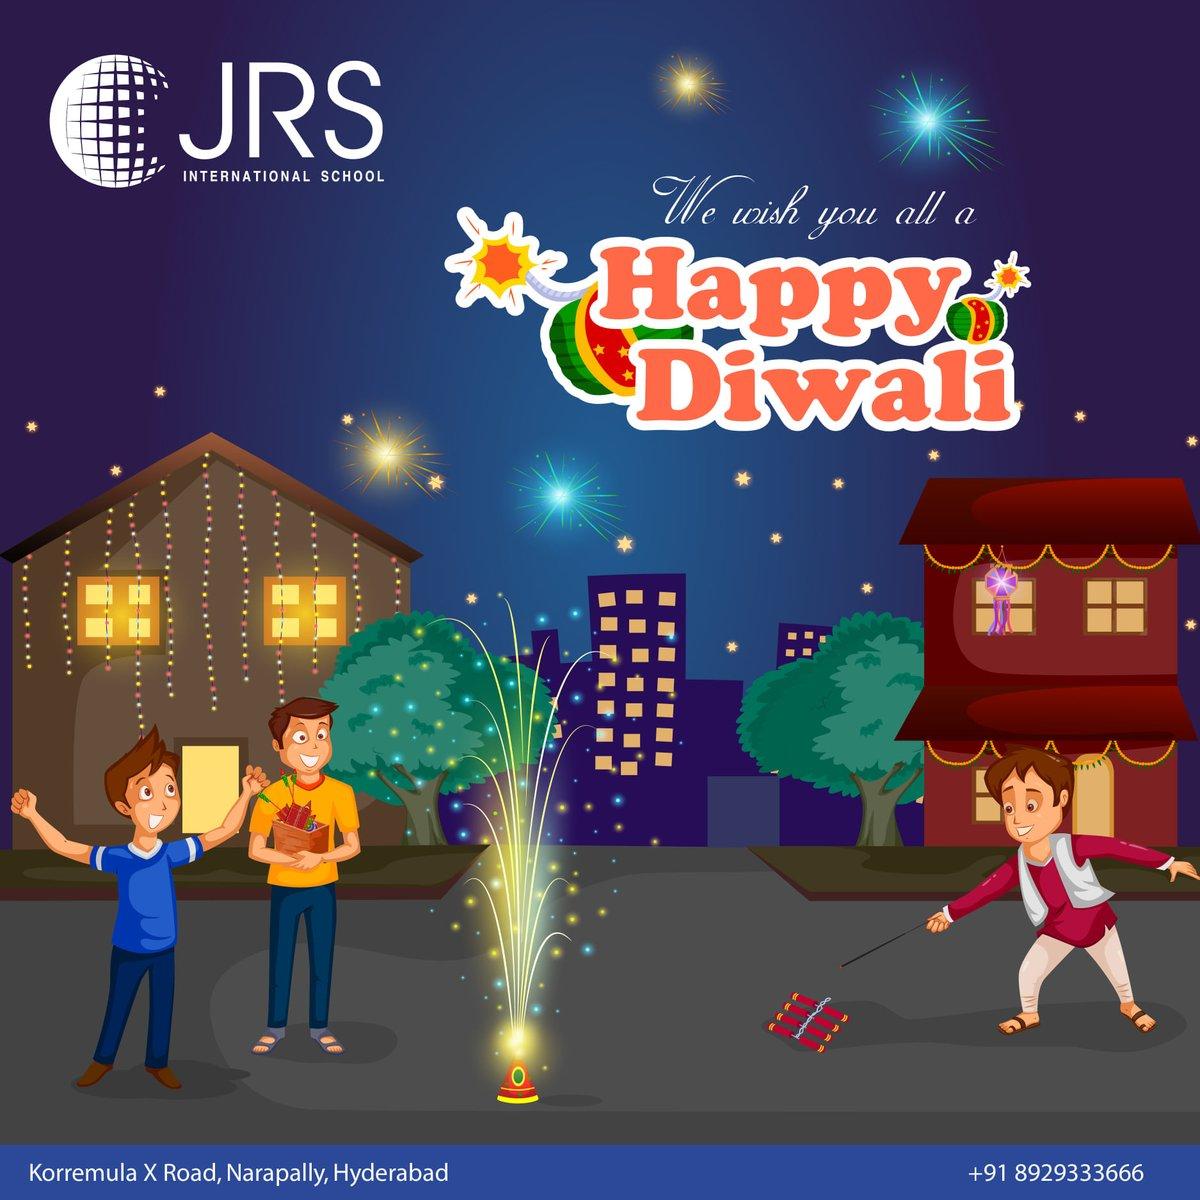 We wish you all a Happy Diwali.  #Diwali #HappyDiwali #SafeDiwali #Diwali2020 #HappyDiwali2020